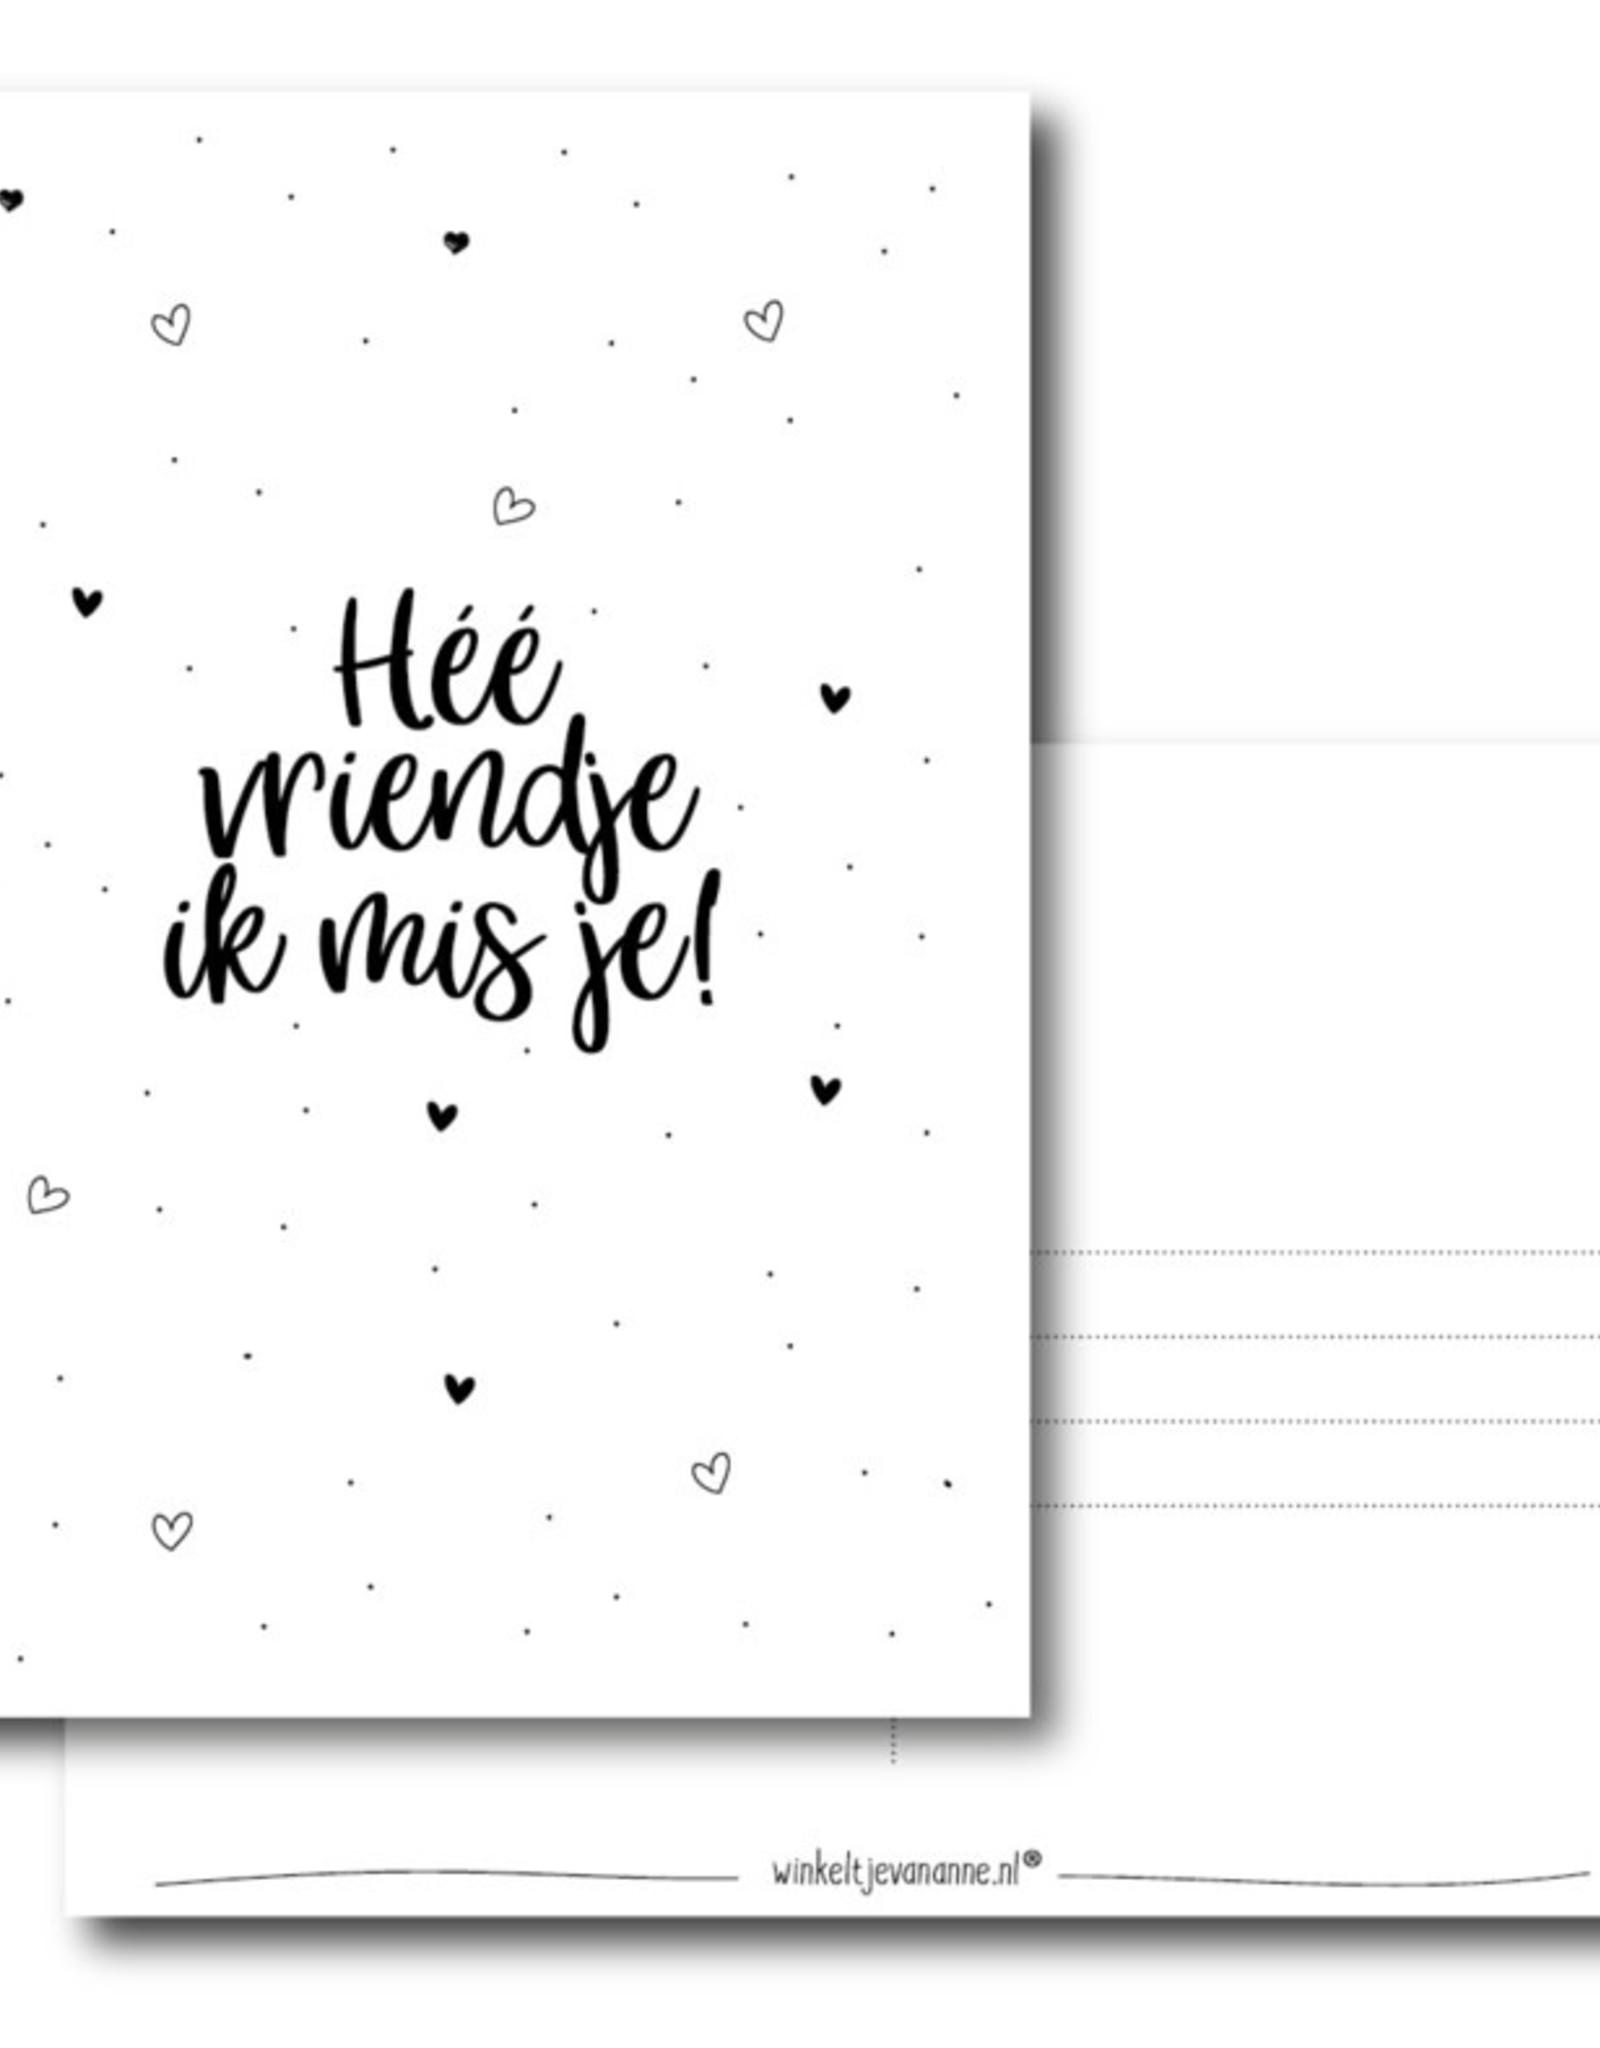 Winkeltje van Anne kaart a6 winkeltje van anne: héé vriendje ik mis je!